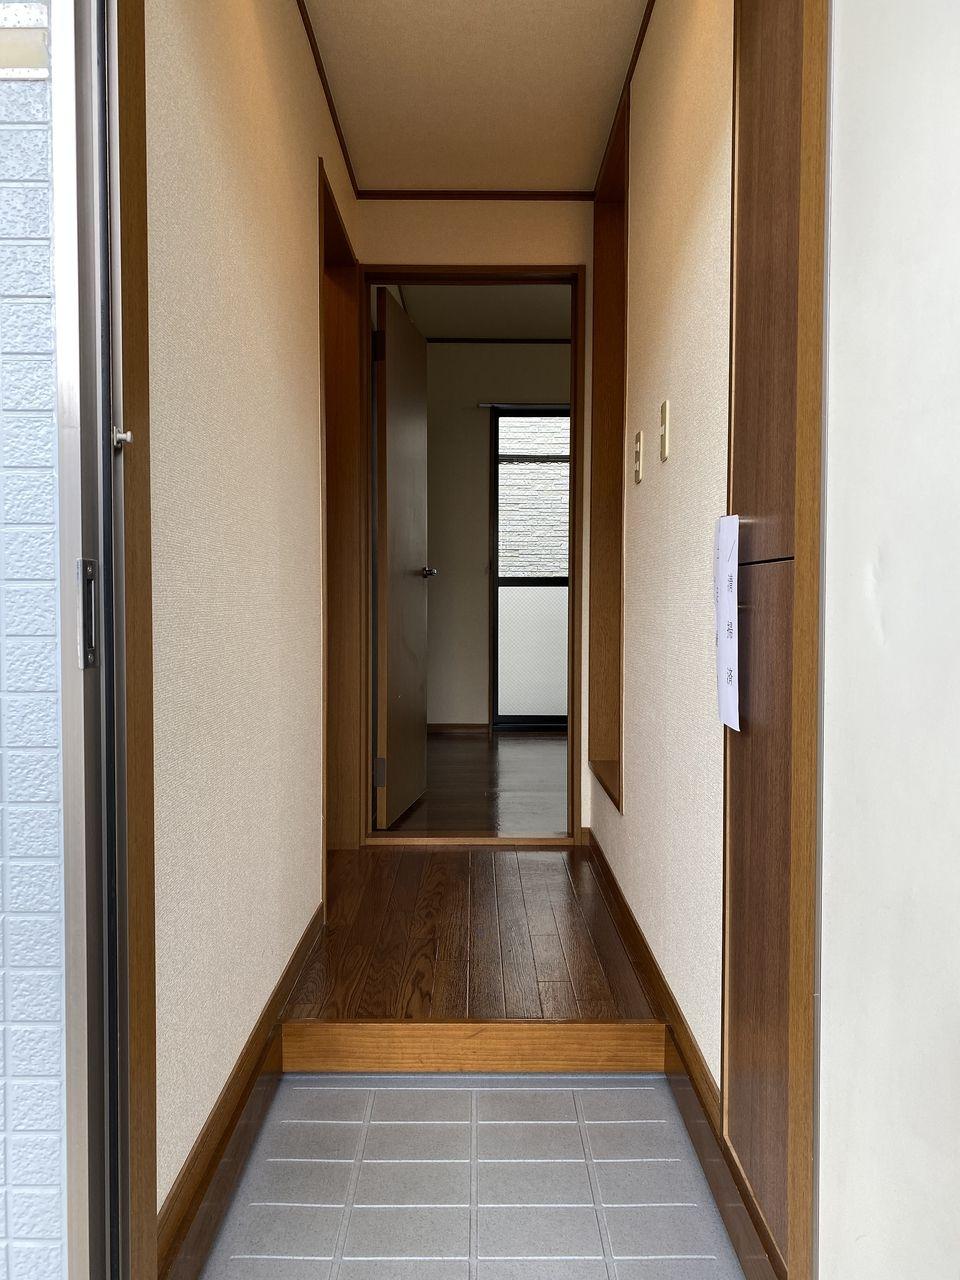 【独立タイプのキッチンでお部屋広々使えます】ピアフルール105号室 1K 葛西駅 バストイレ別 広い収納